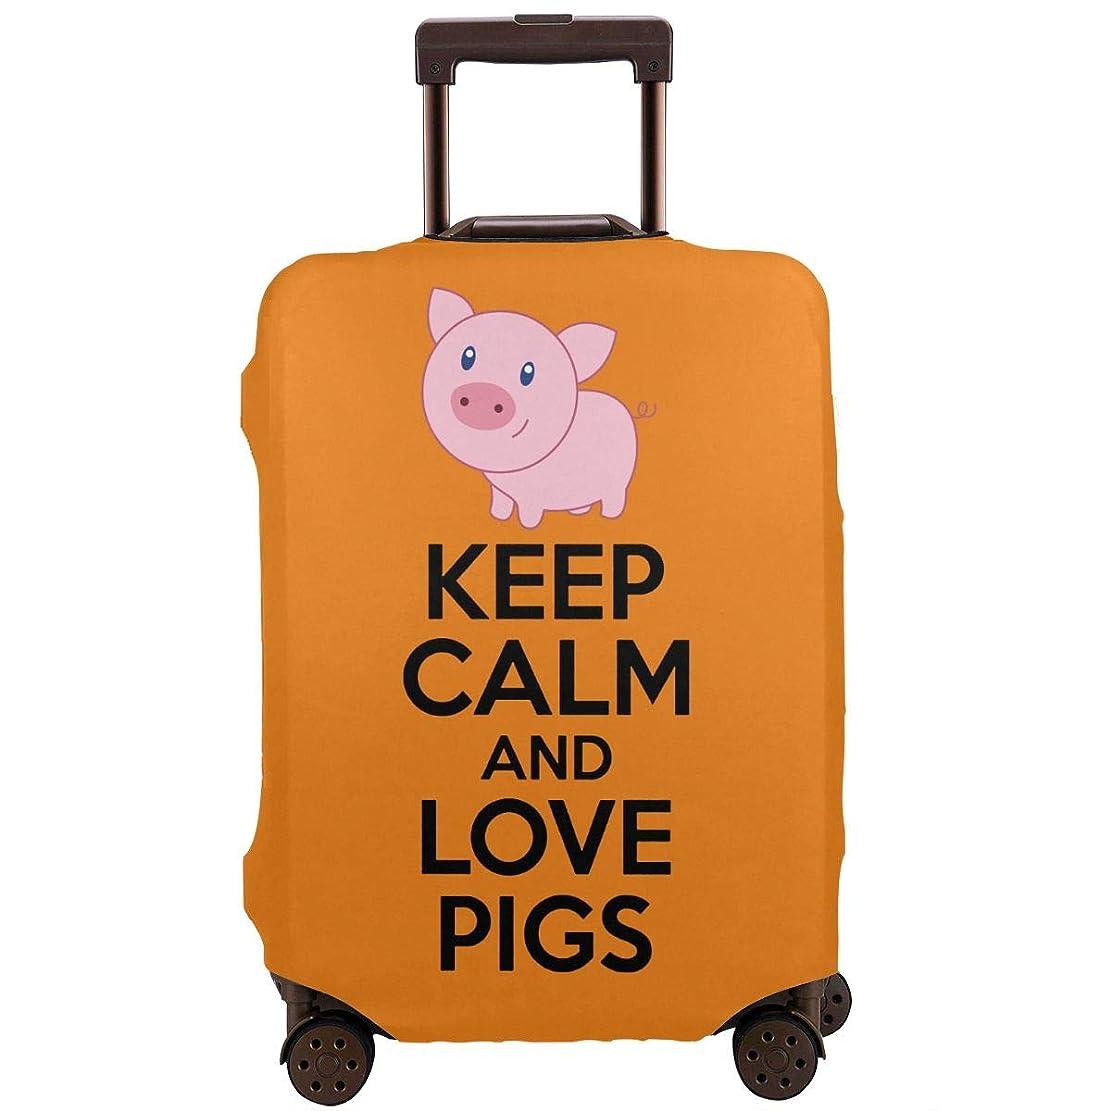 隔離する組立儀式Hanawujinha キャリーバッグカバー スーツケースカバー お荷物カバー 冷静さ 保つ 豚 ピッグ 好き 伸縮素材 国内旅行 海外旅行 おしゃれ 着脱やすい 防塵 防水 防汚れ 傷付き防止 防盗 洗える